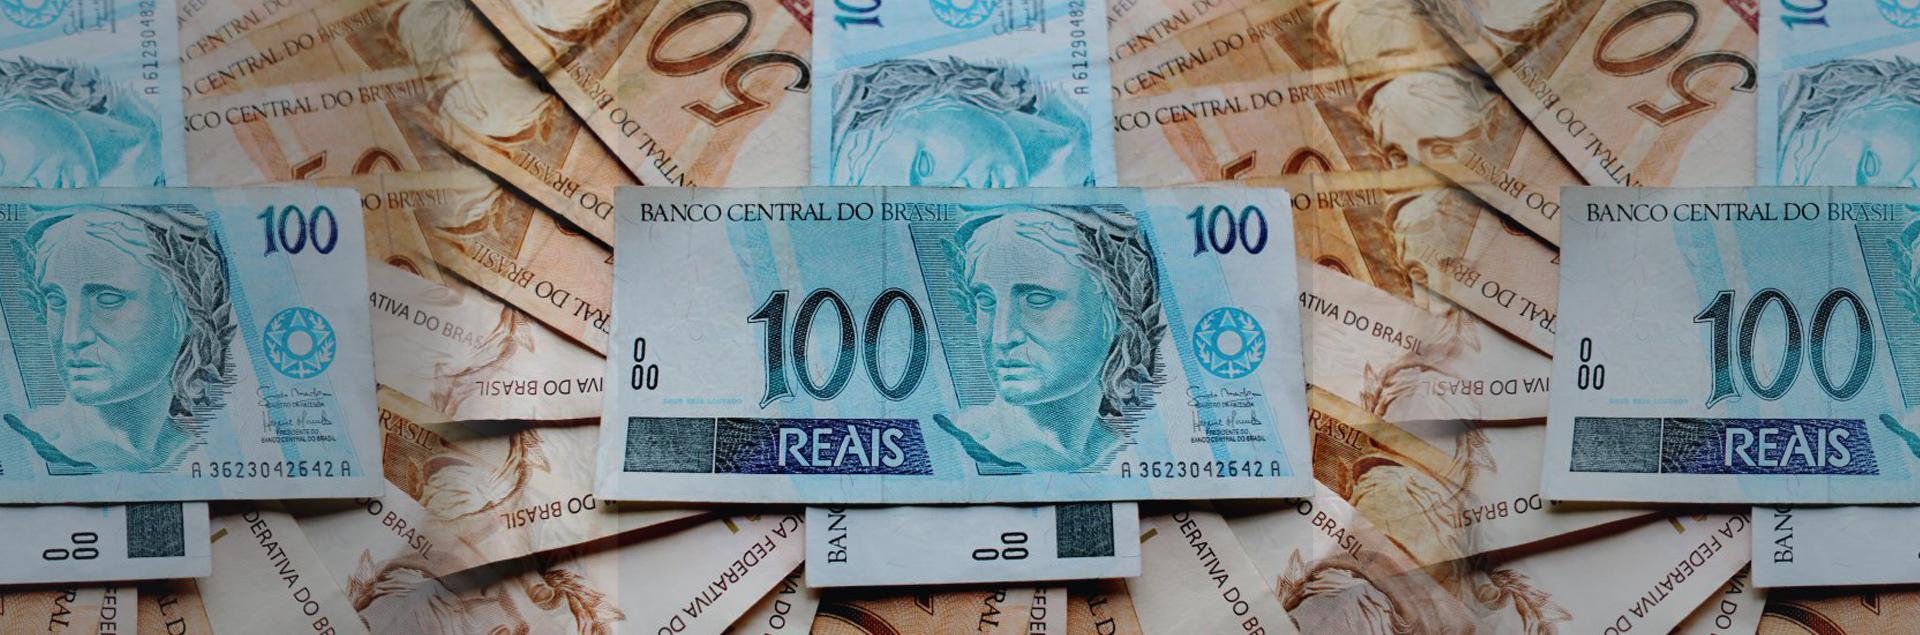 Limitação de descontos de empréstimo a 30% do salário ou benefício previdenciário